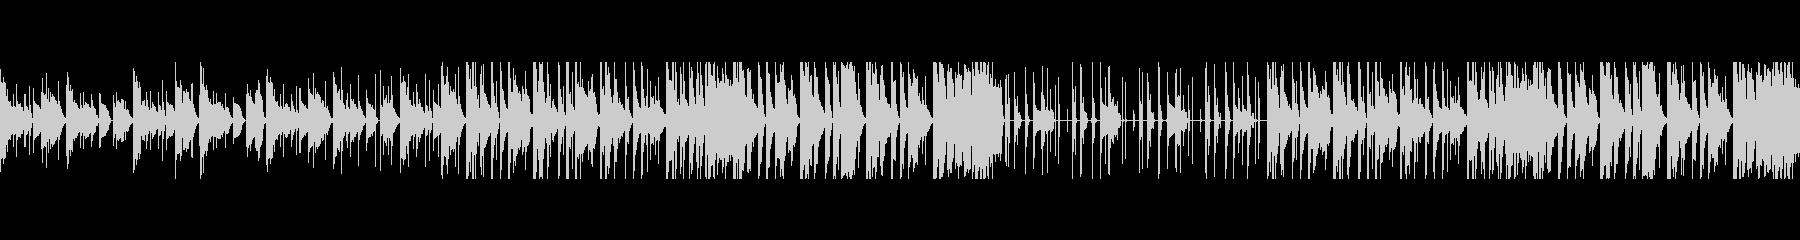 【ループ音源】ピコピコ/カワイイの未再生の波形